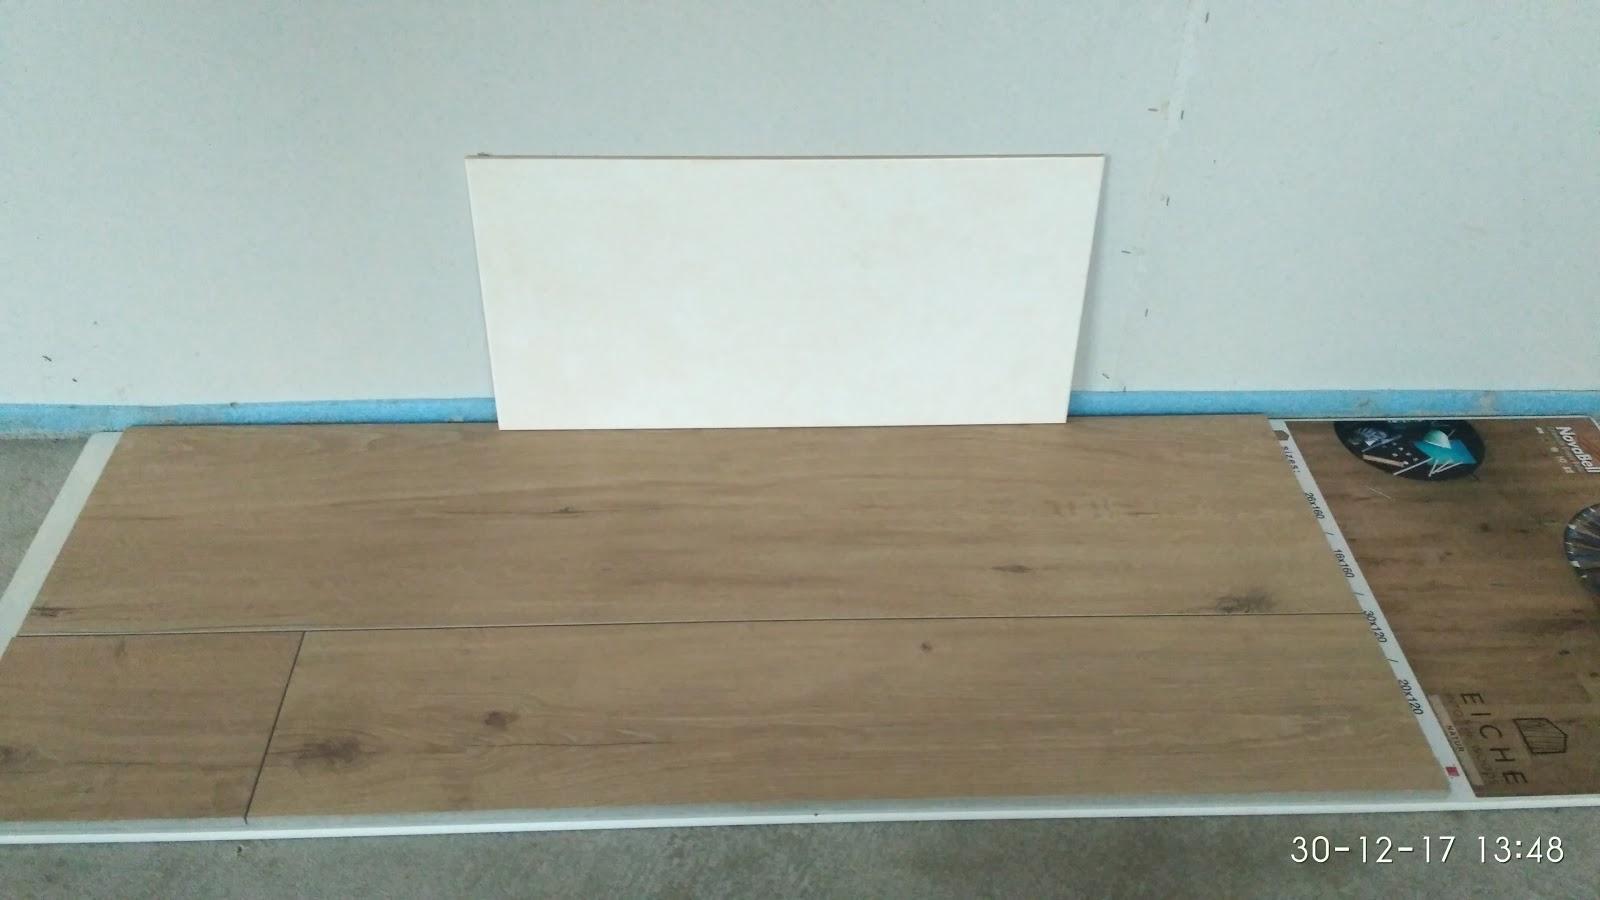 Wir Bauen Ein Holzhaus Fliesen Und Vinyl - Fliesen aus vinyl